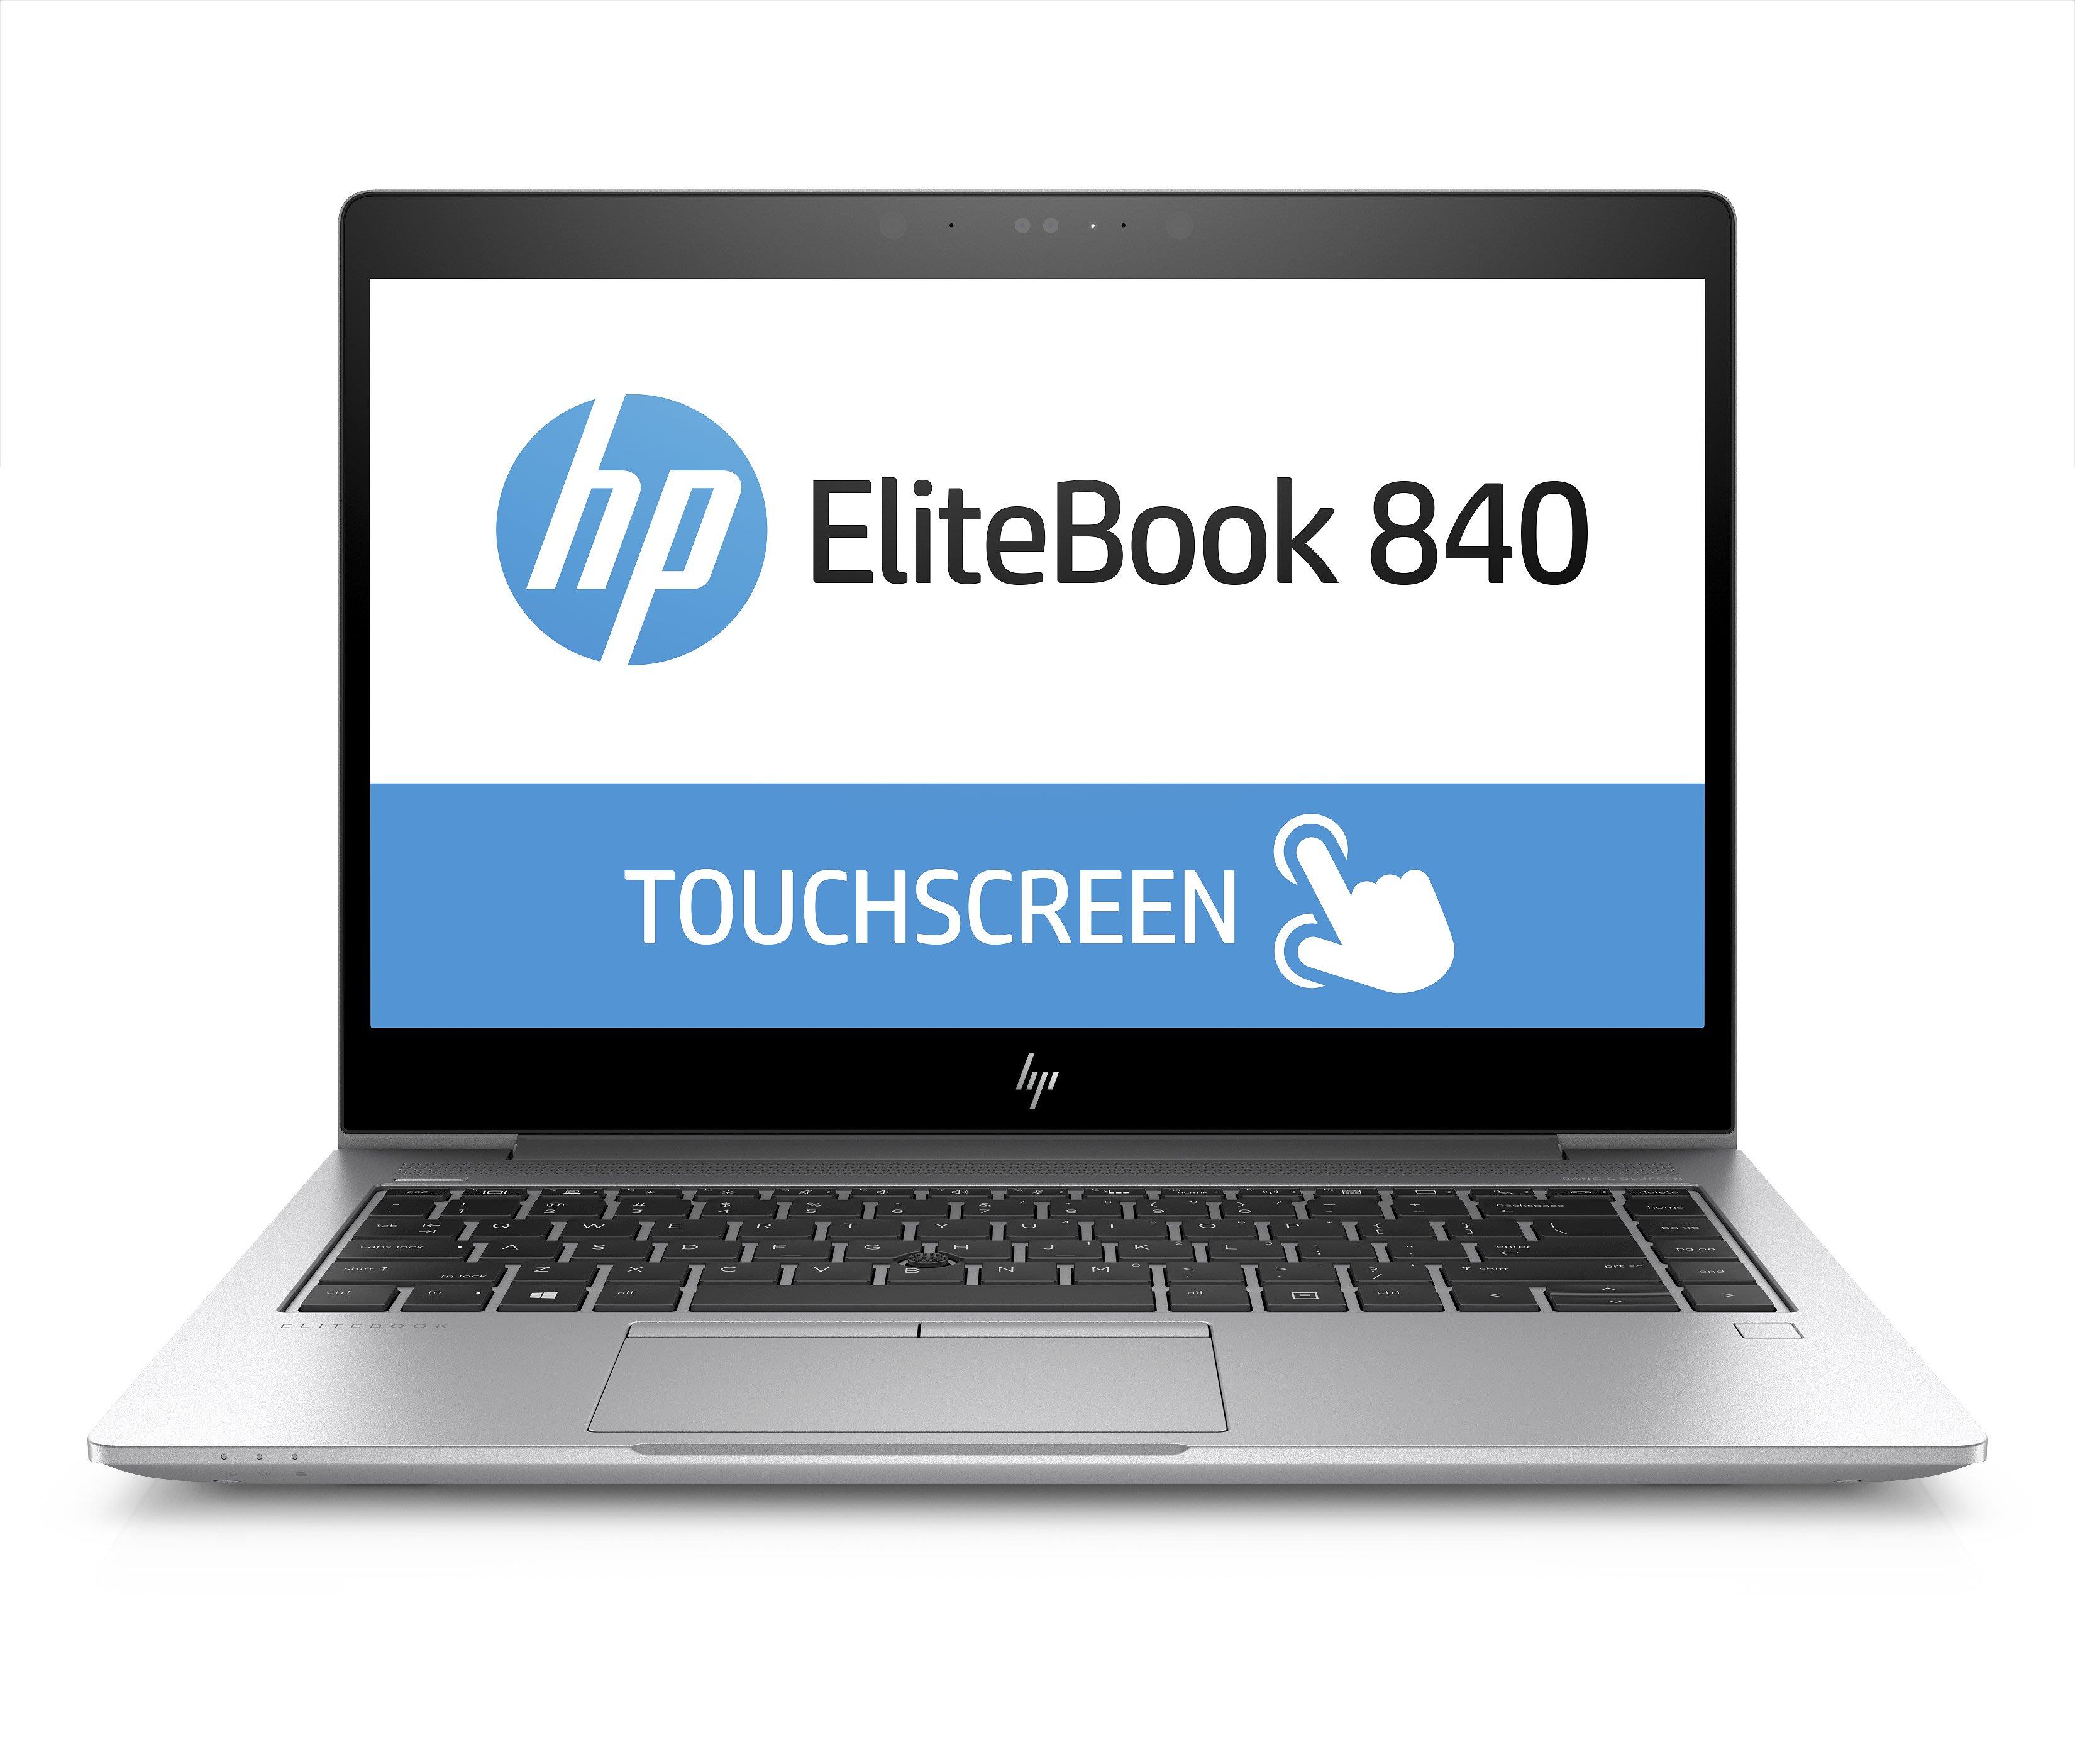 刷卡含發票4AK09PA EliteBook 840 G5/14WFHD/i7-8650U/512G Win10 Pro